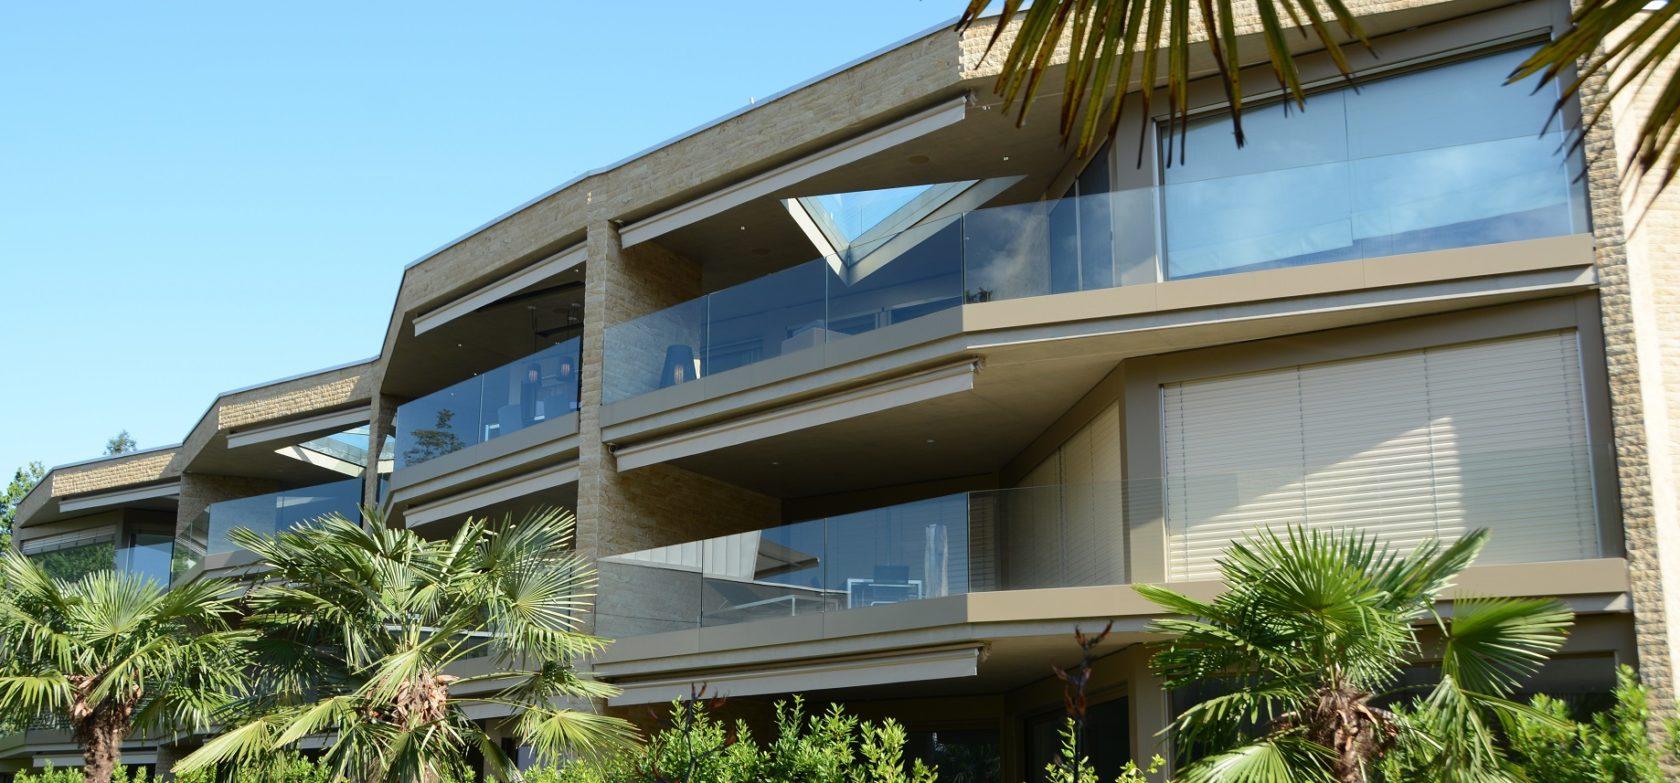 Luxuswohnungen in Ascona, EOS II Aussenansicht Front - exklusives Wohnen in Ascona, Eigentumswohnungen in Ascona